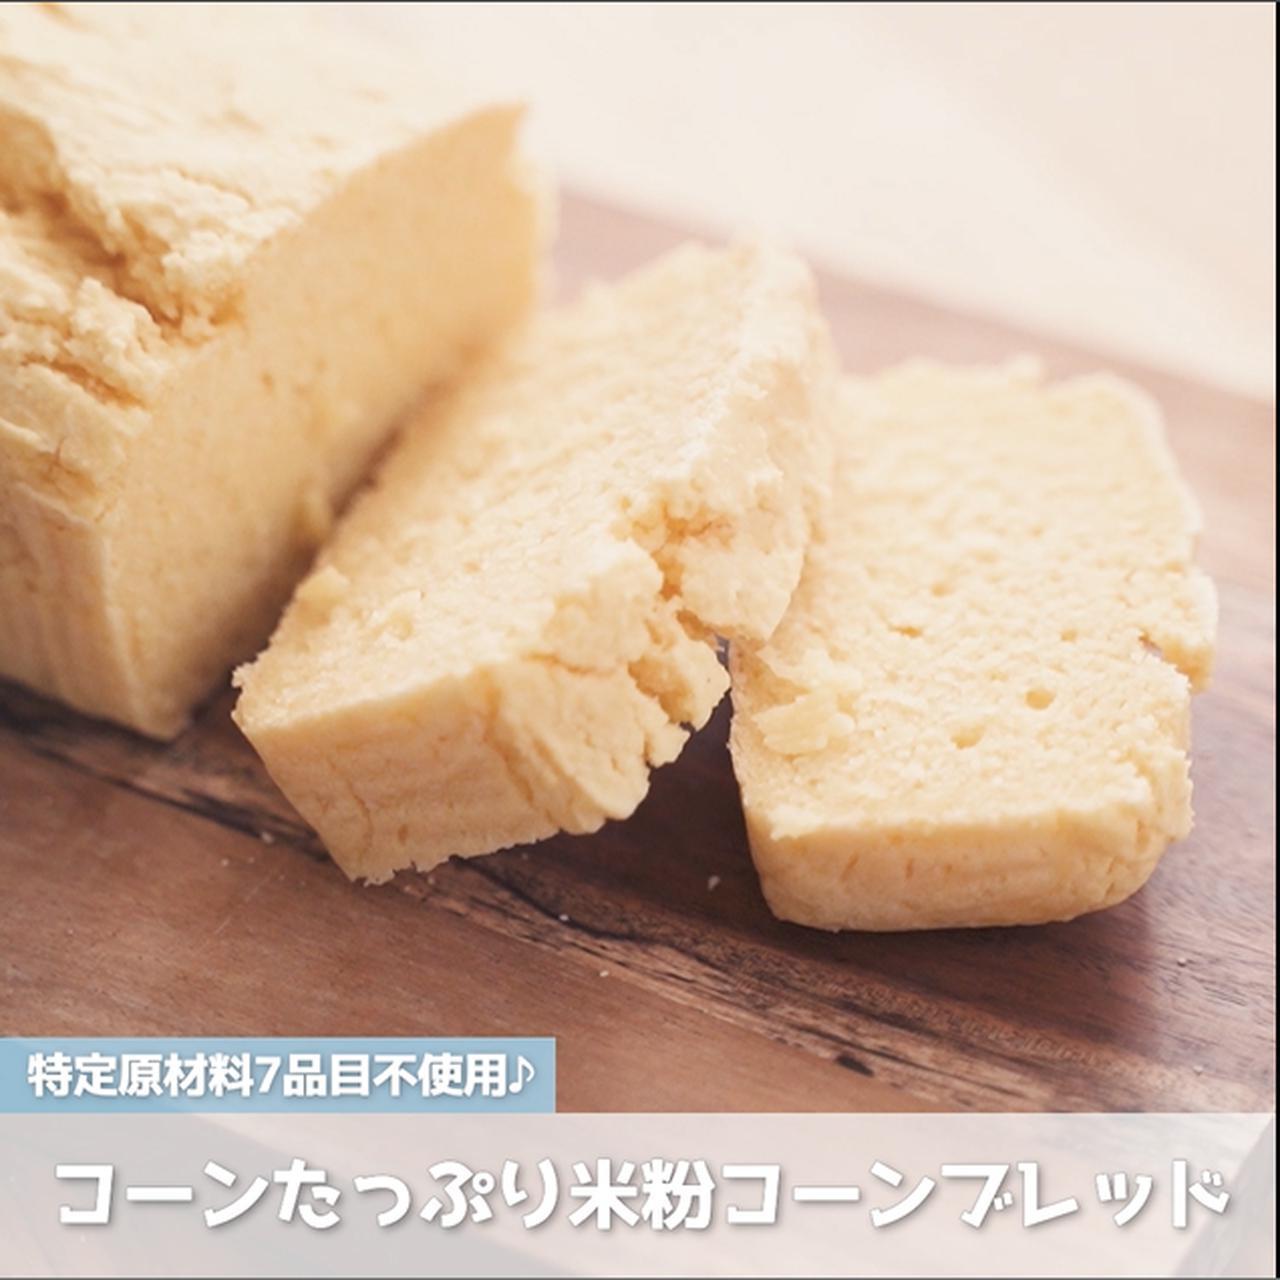 画像: 発酵いらず‼小麦・卵・乳不使用‼お手軽にパンを作るなら、コーンたっぷり米粉コーンブレッド - 君とごはん